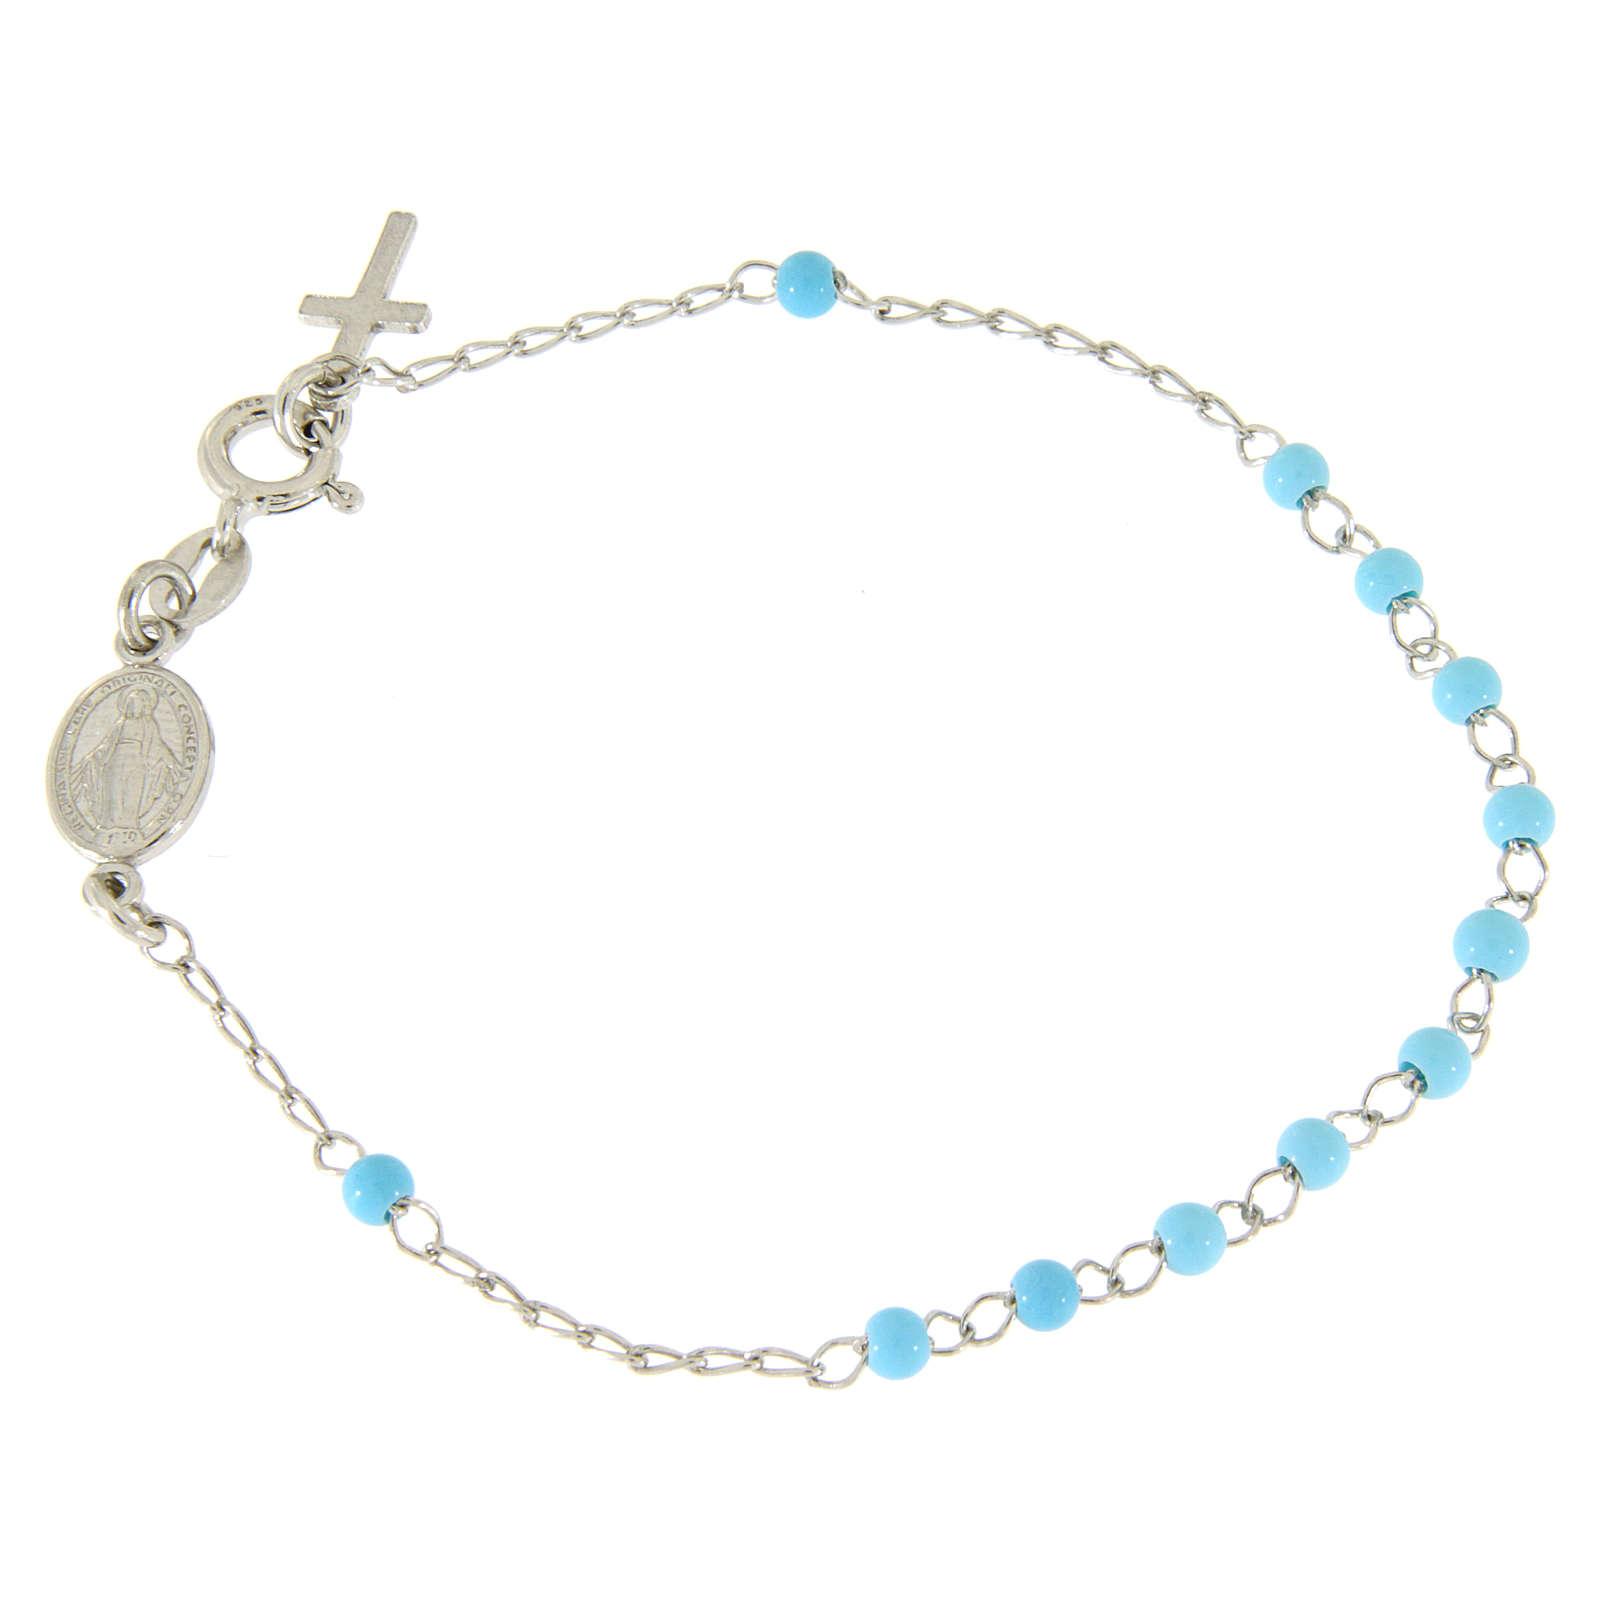 Bracelet chapelet perles bleu clair 4 mm et chaîne silver 4